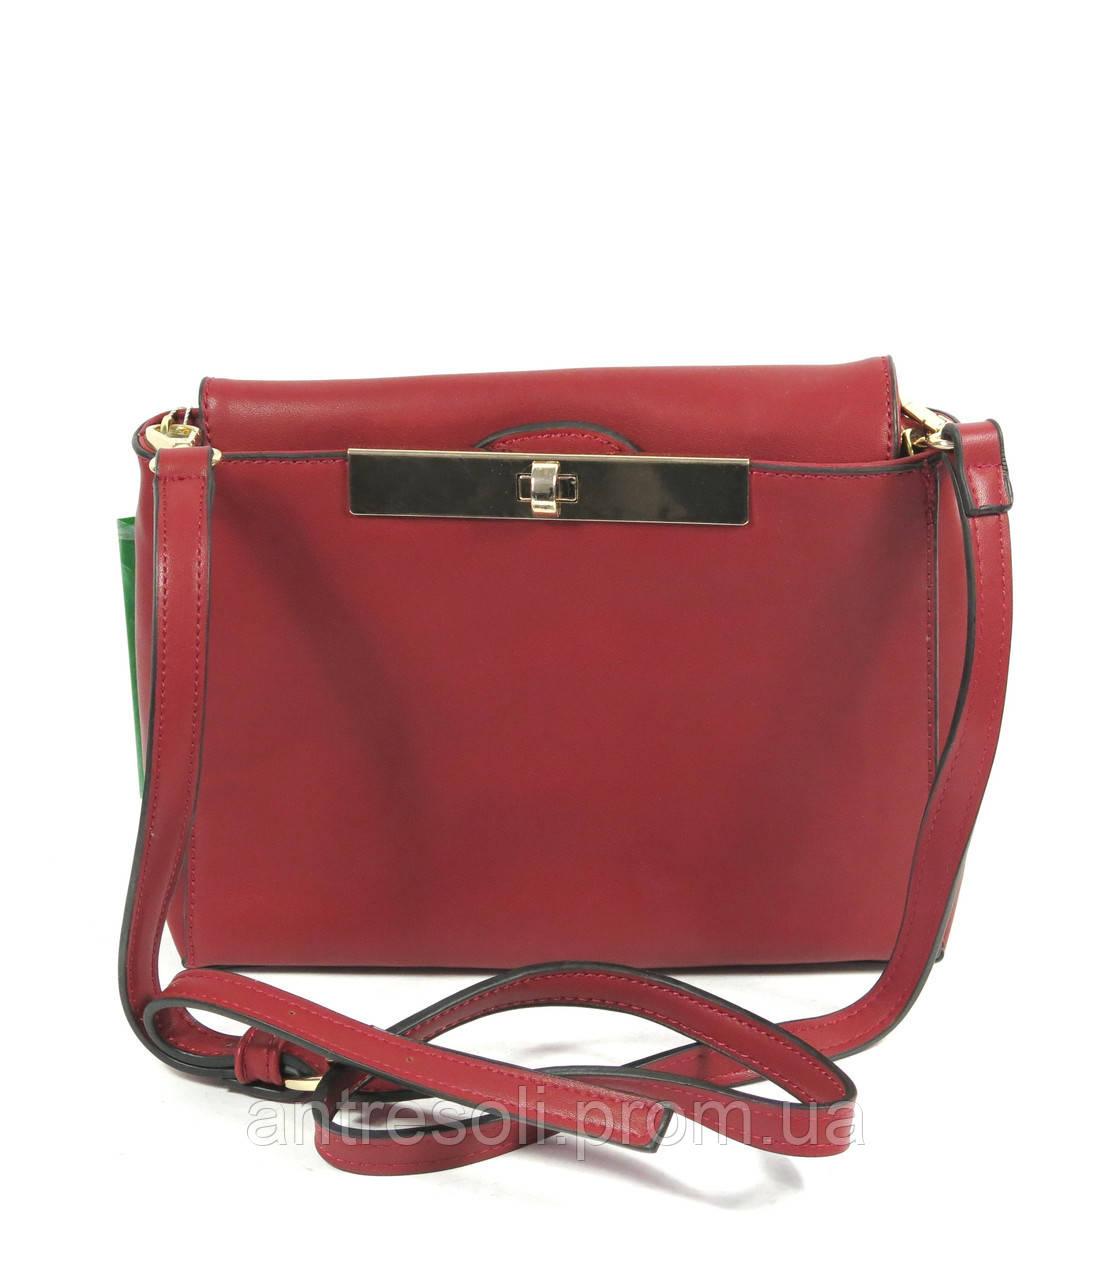 Маленькая женская сумка через плечо красная